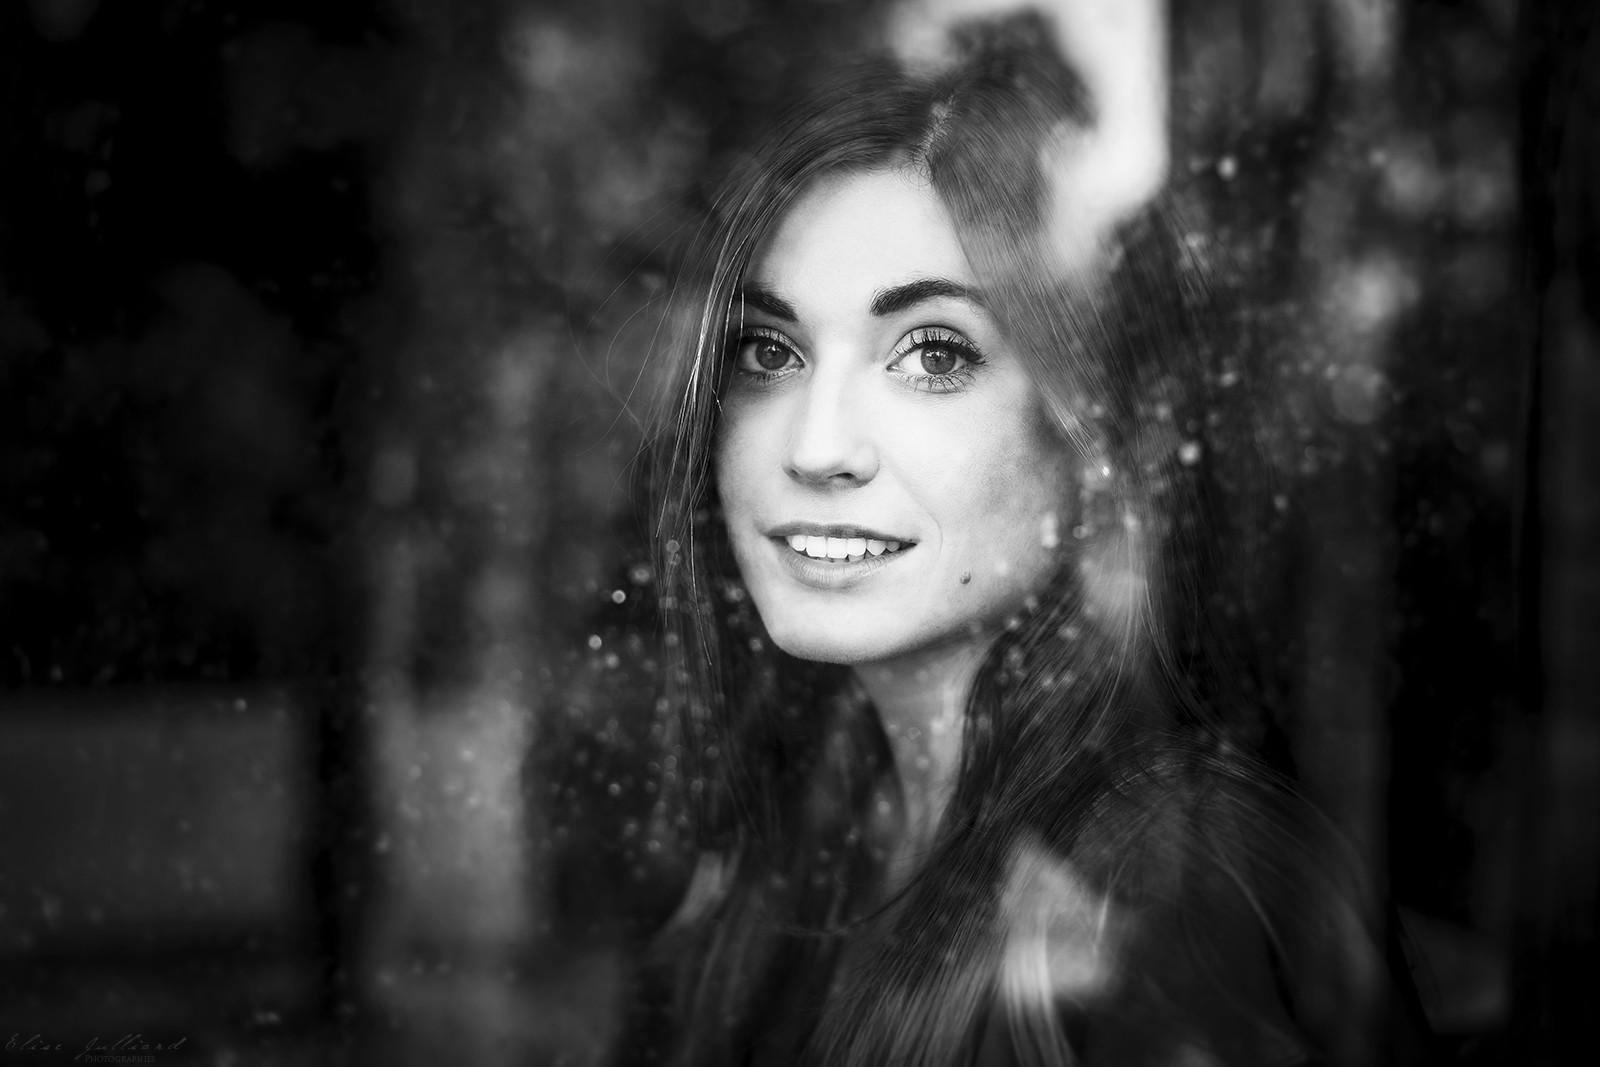 elise-julliard-photographe-lyon-rhone-alpes-portrait-seance-photo-jardin-nature-urbain-parc-de-la-tete-dor-4